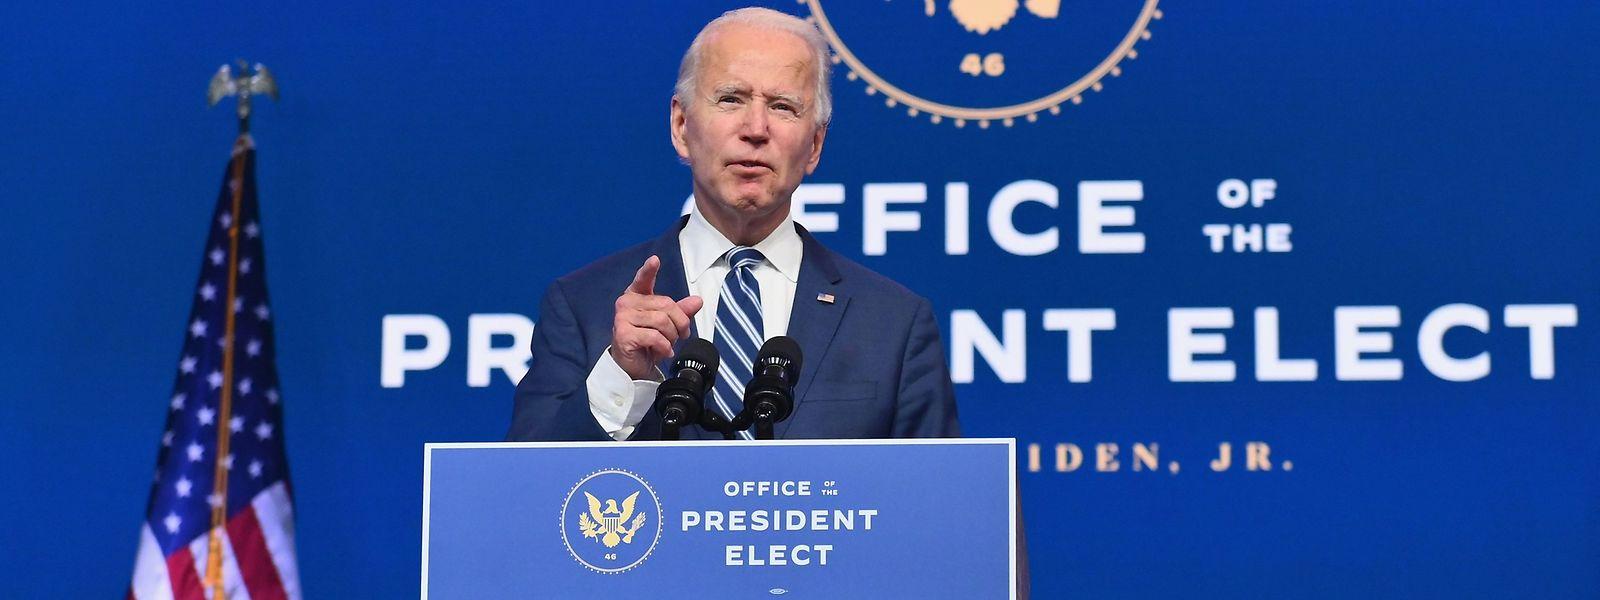 Wahlgewinner Joe Biden hält sich bislang bedeckt und betont, er werde den Präsidenten in jedem Fall am 20. Januar ablösen.